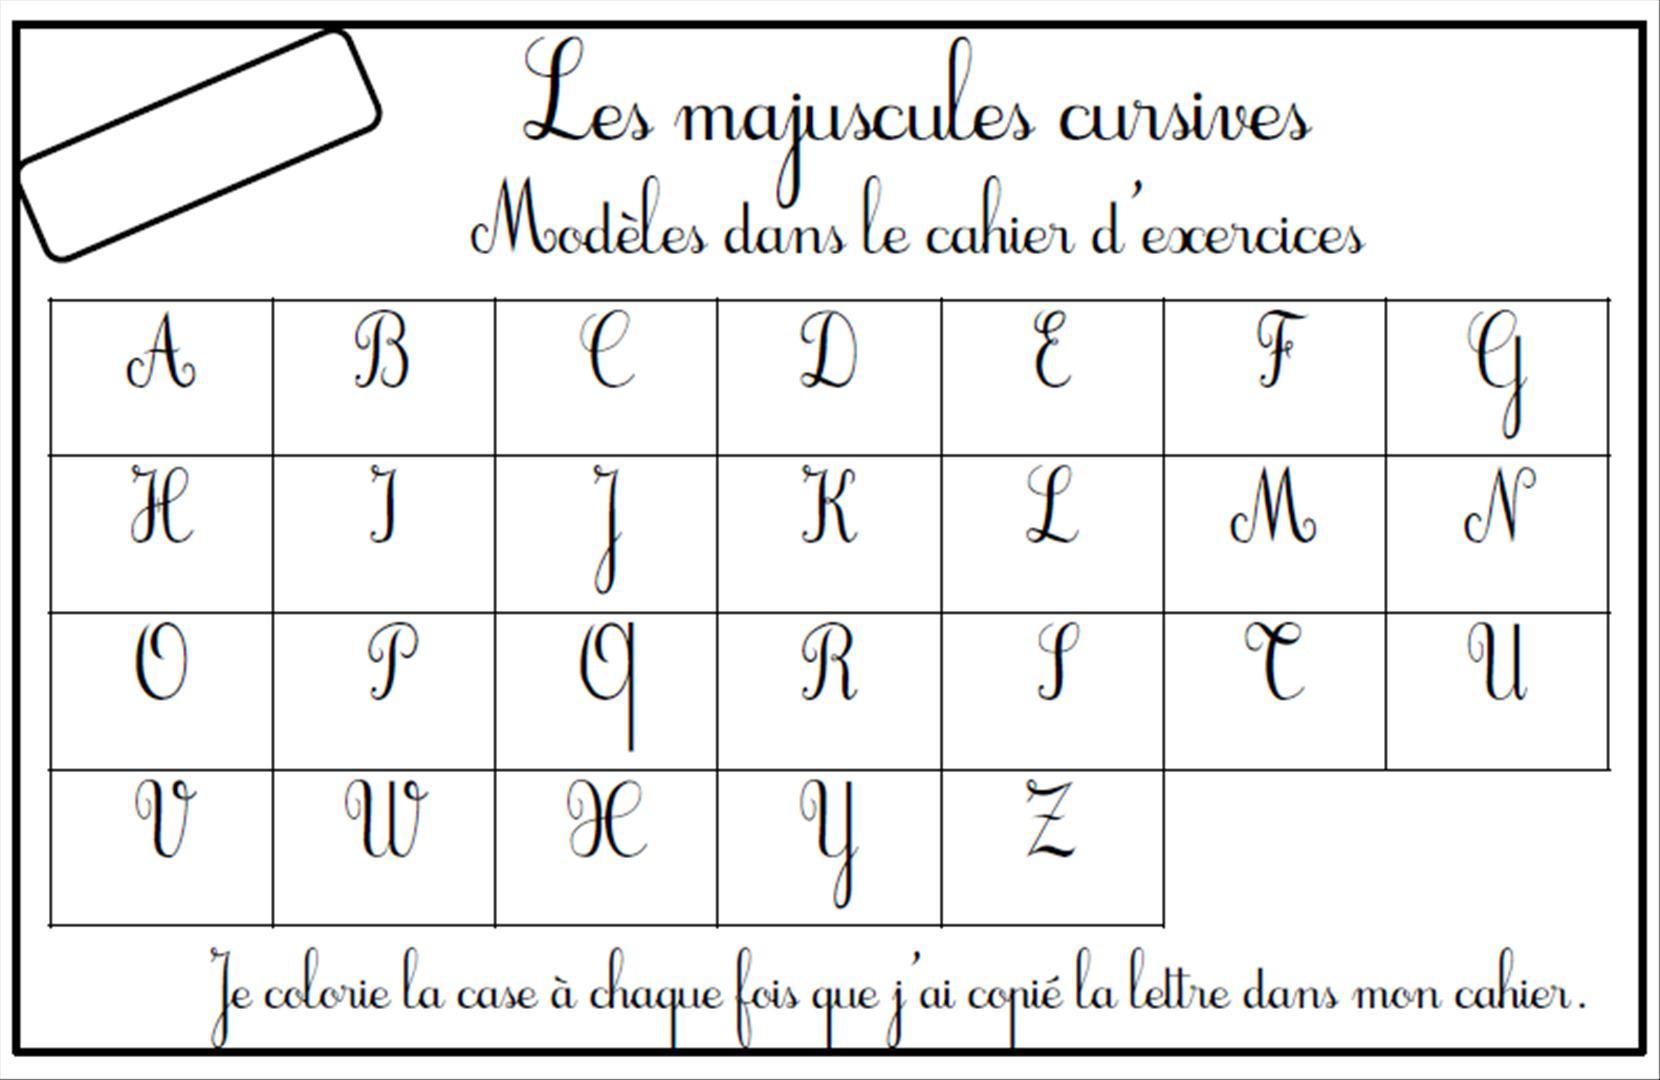 lettres majuscules cursives rugueuses loustics - Lettre Majuscule A Imprimer